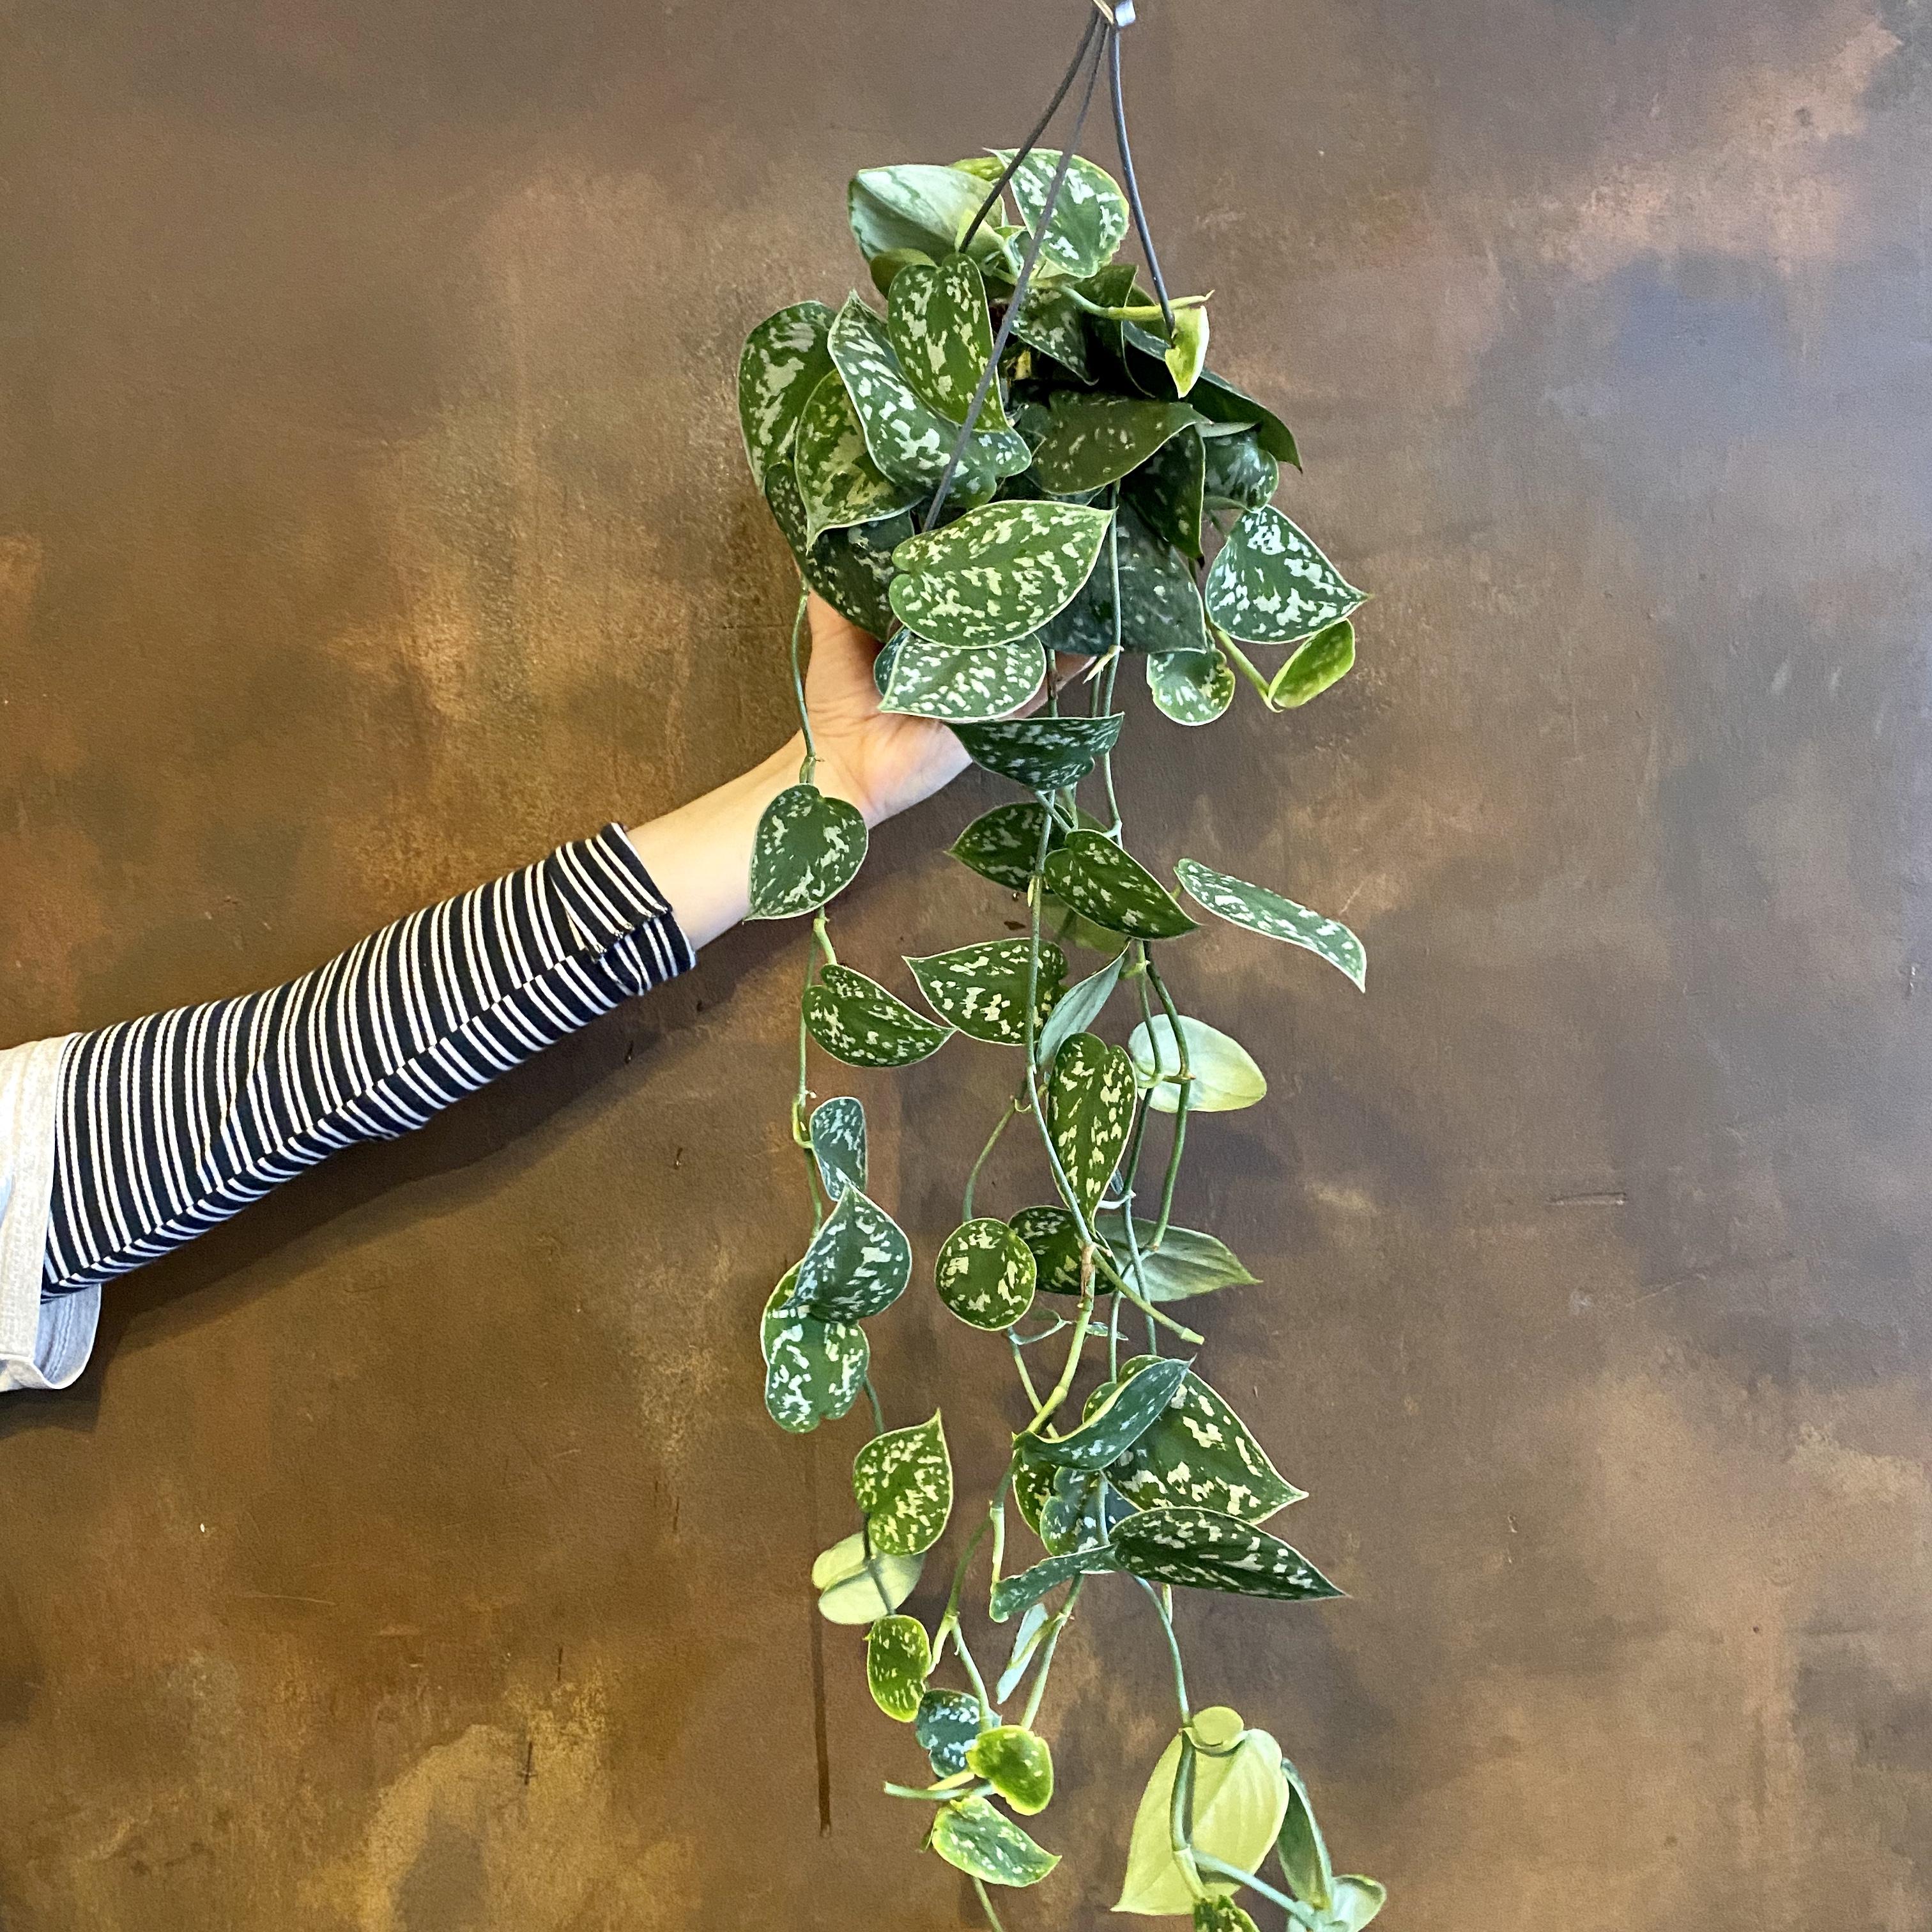 Scindapsus pictus (hanging)